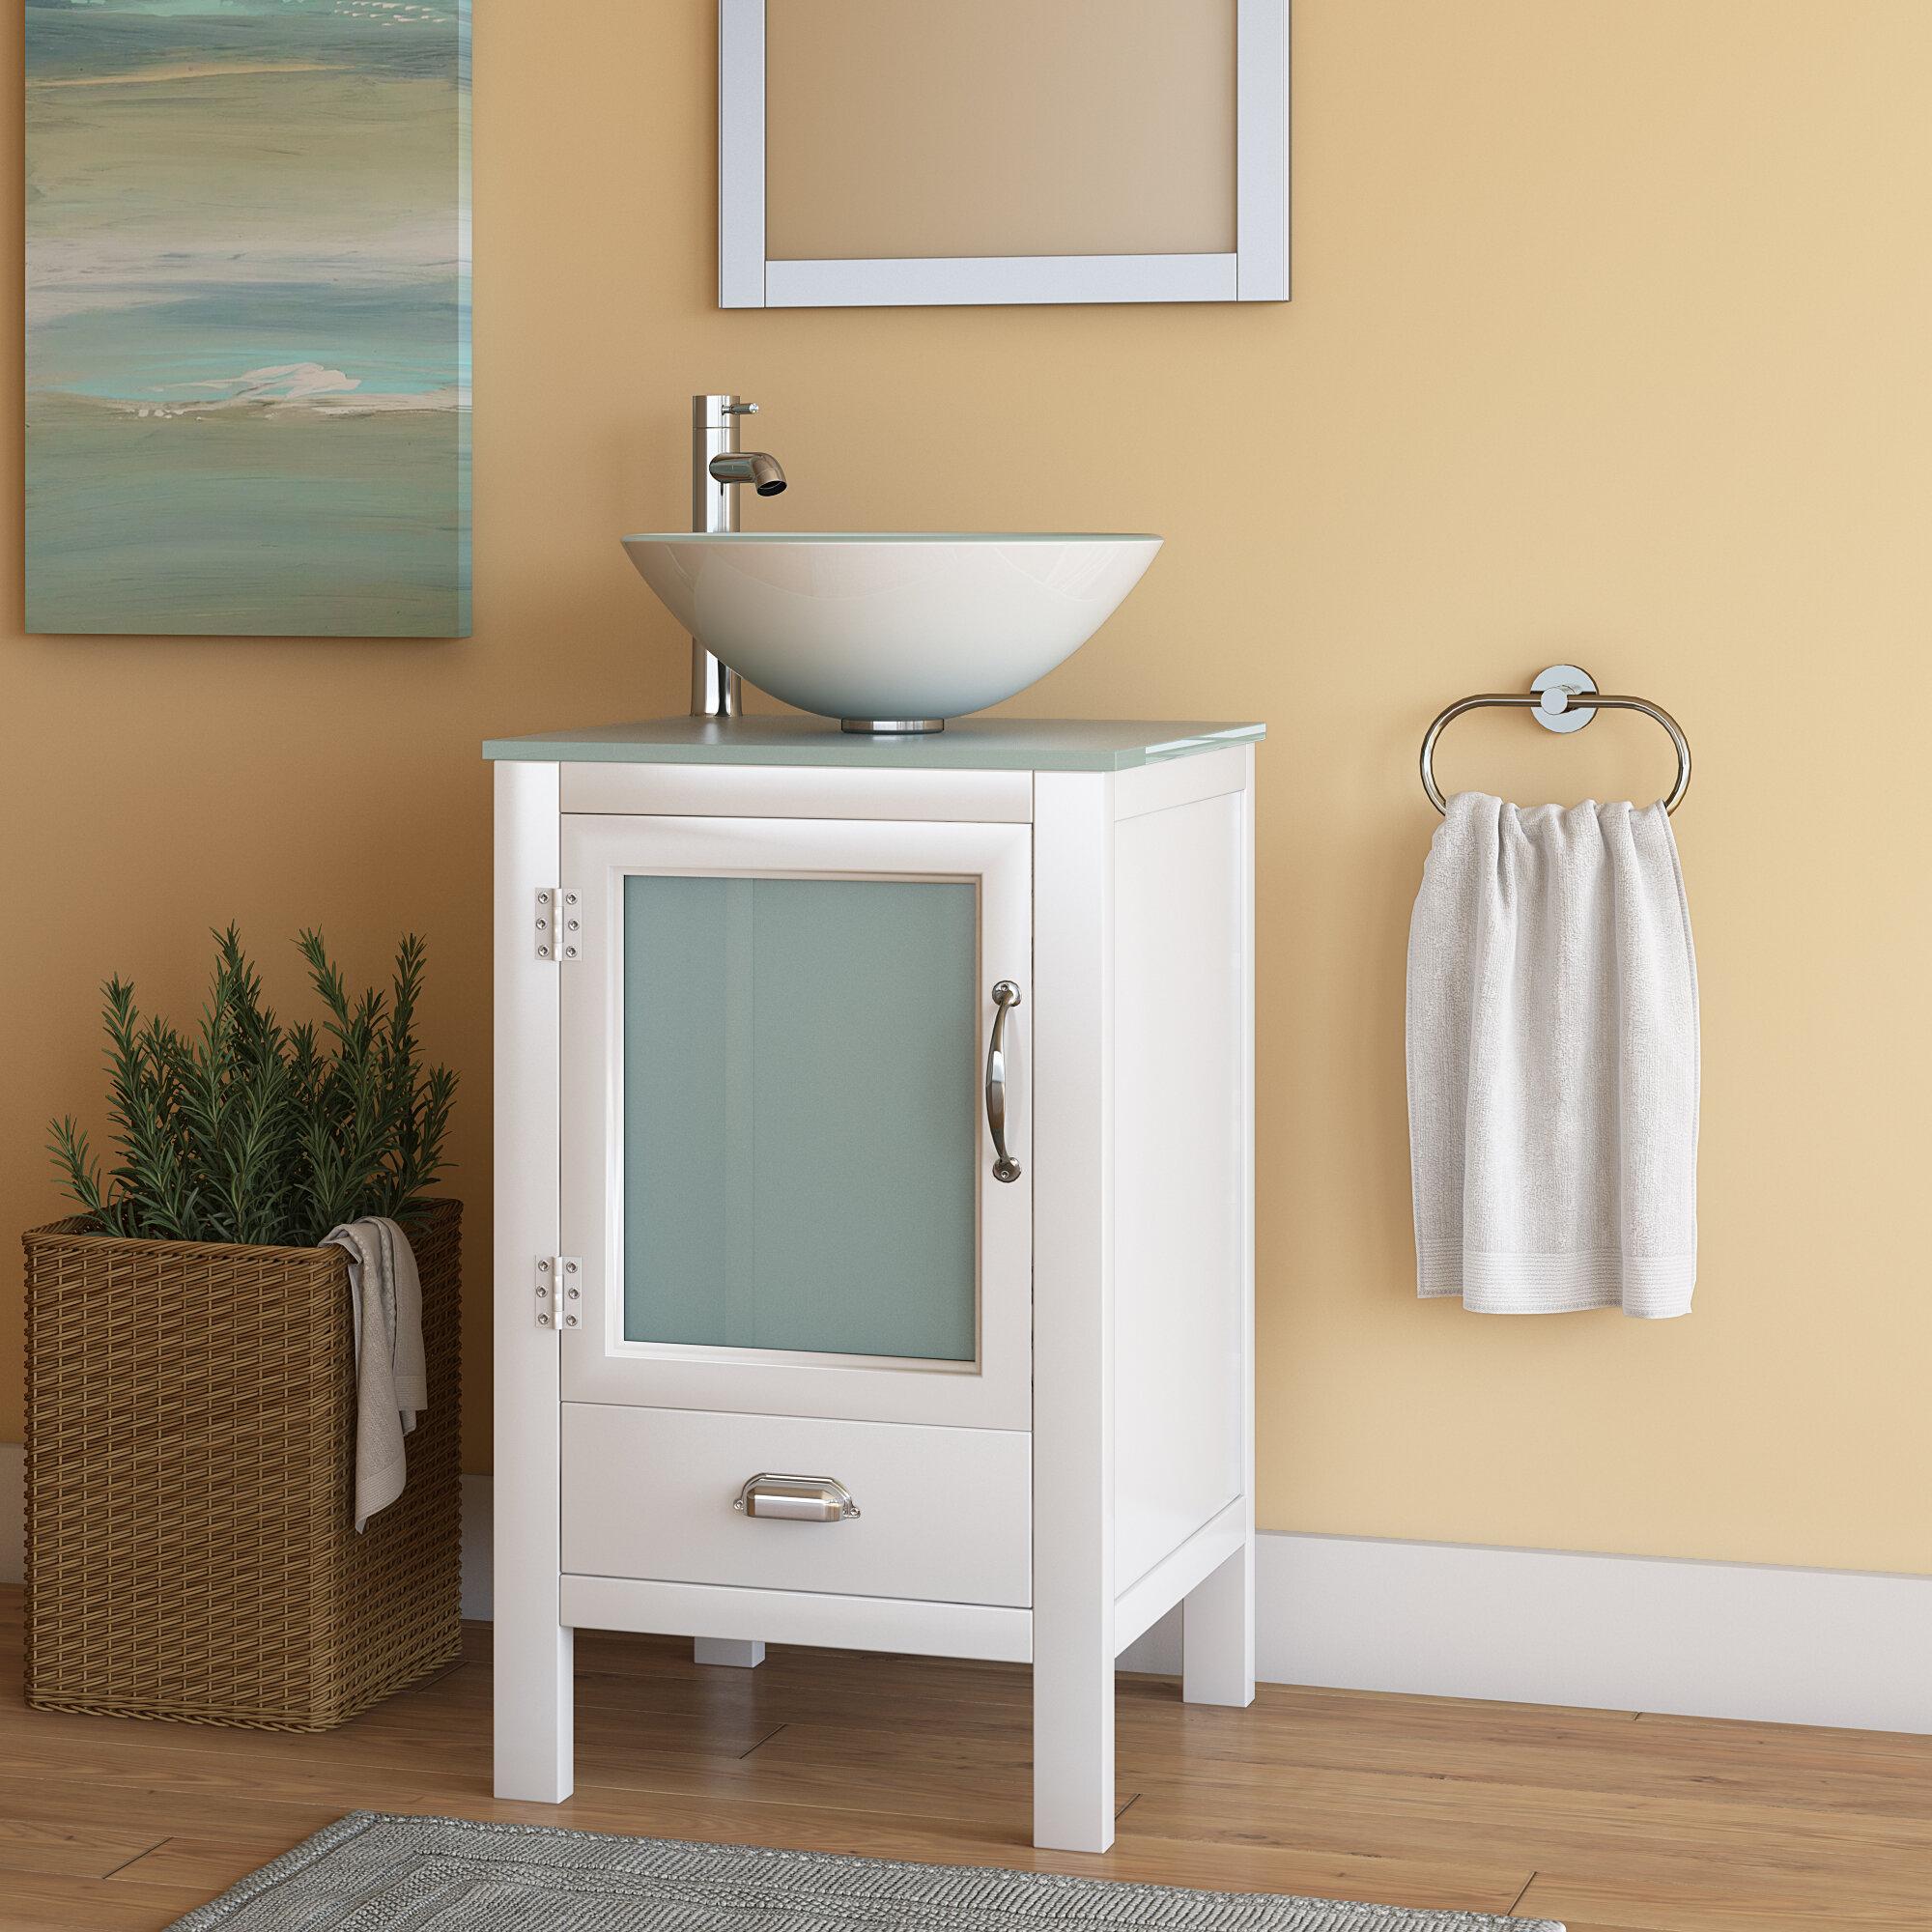 Ebern Designs Francey 19 Single Bathroom Vanity Set Reviews Wayfair